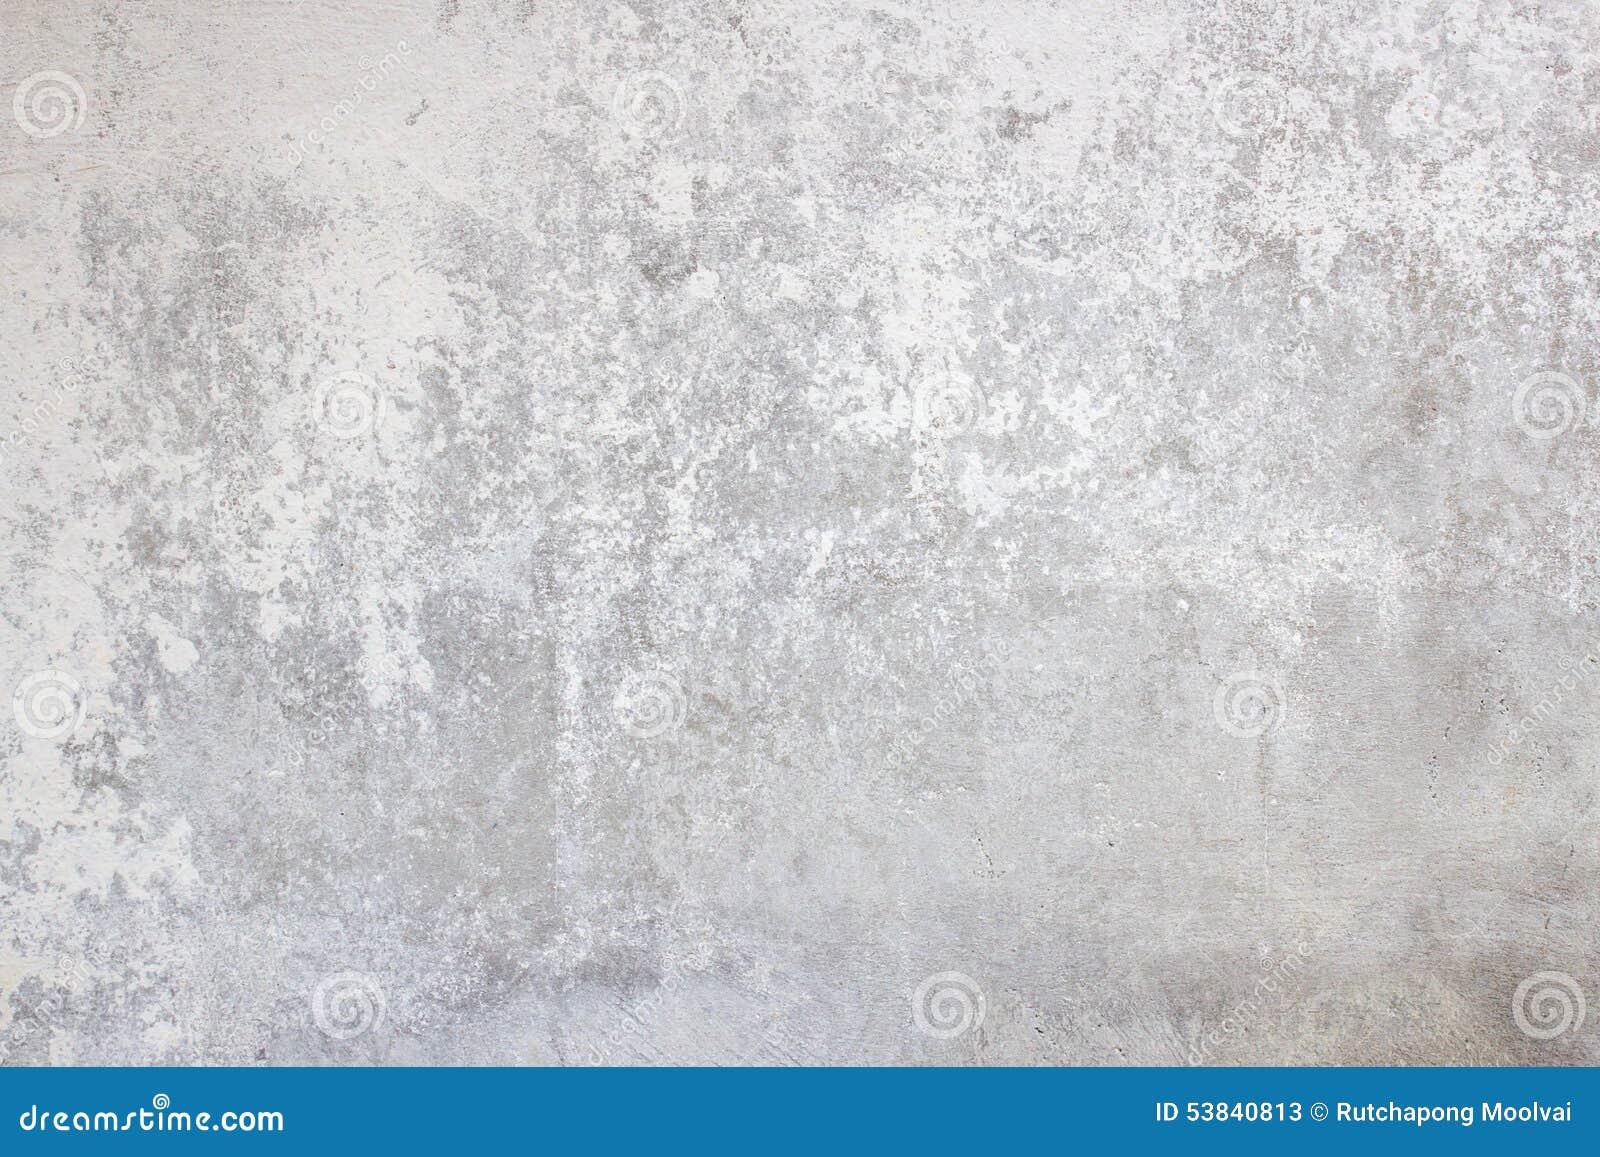 Cementowej ściennej tekstury grunge brudny szorstki tło